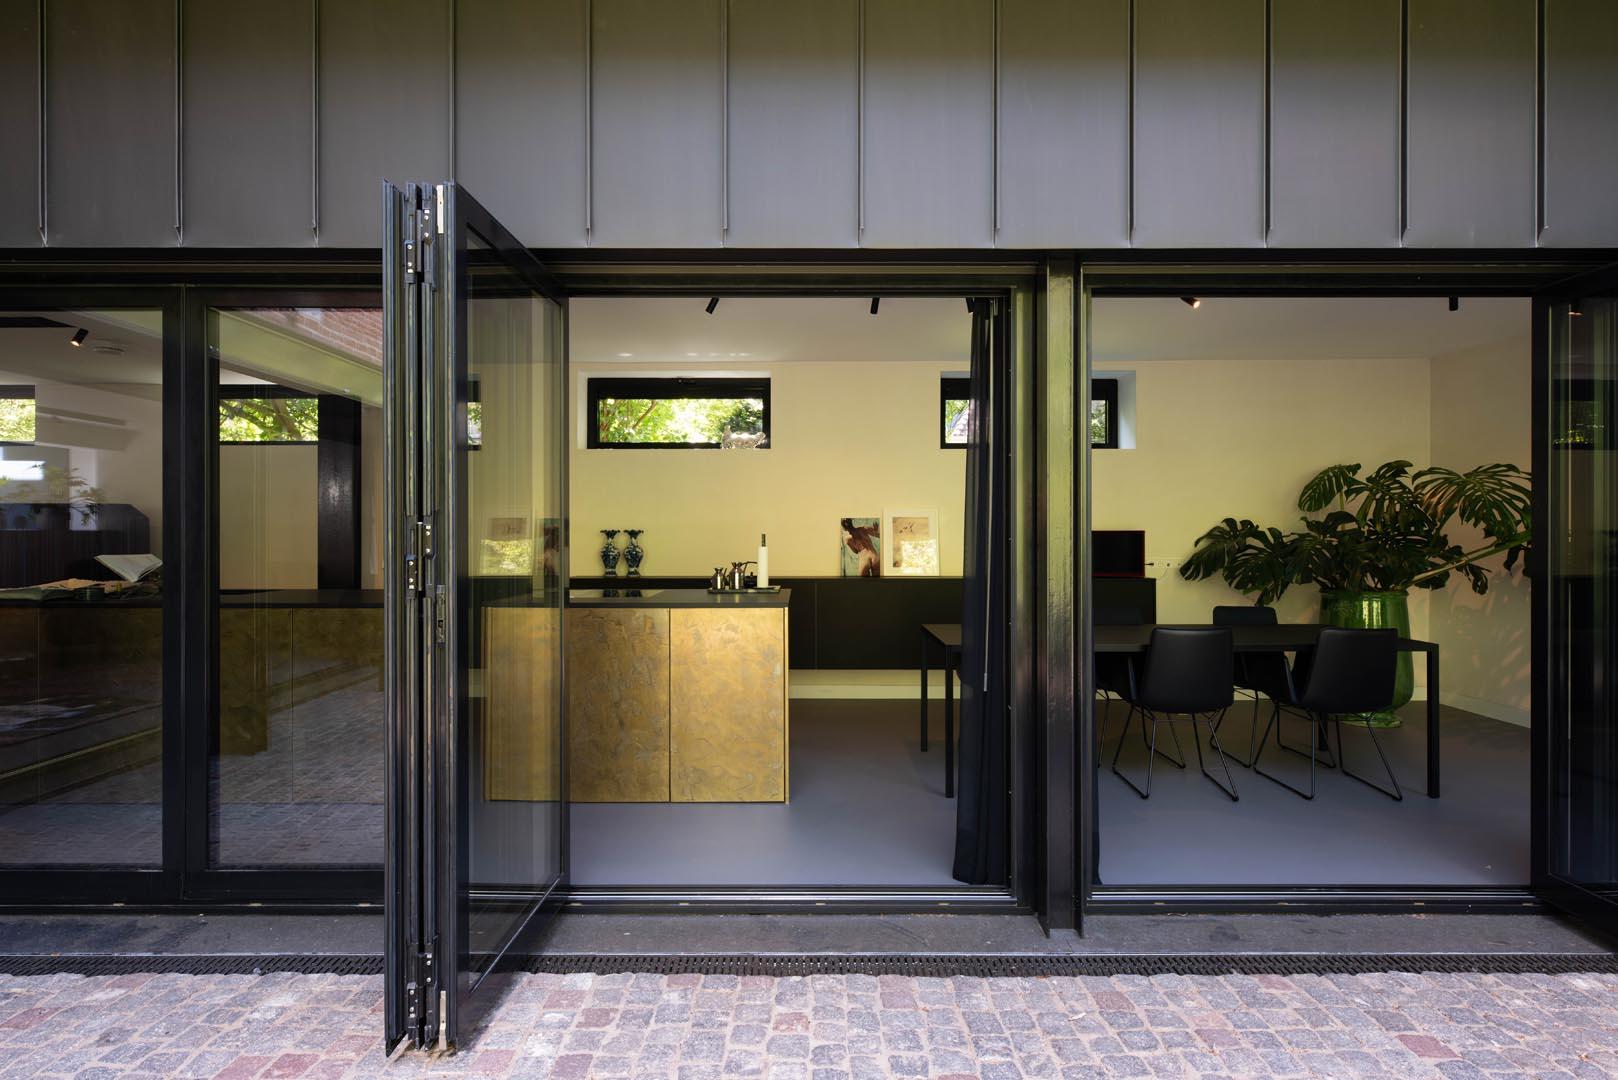 verbouw-nieuwbouw-woonhuis-stadsvilla-utrecht-1618×1080-01